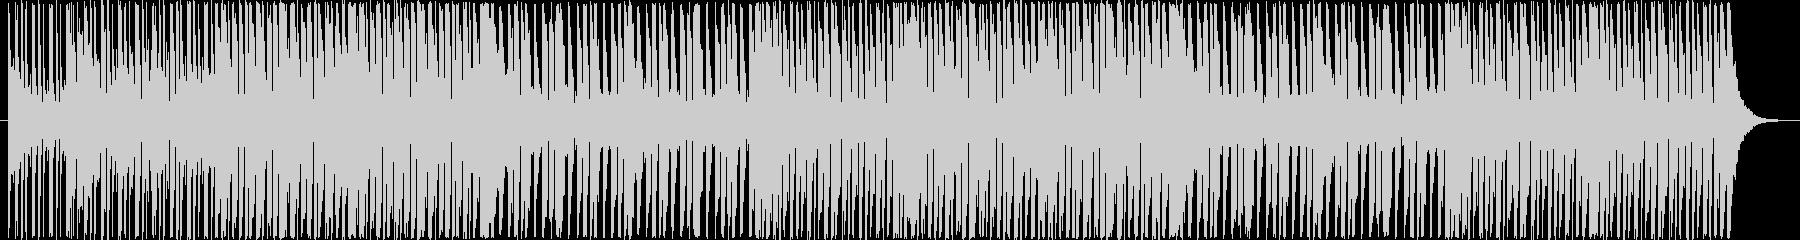 アップテンポでコミカルなBGM!の未再生の波形